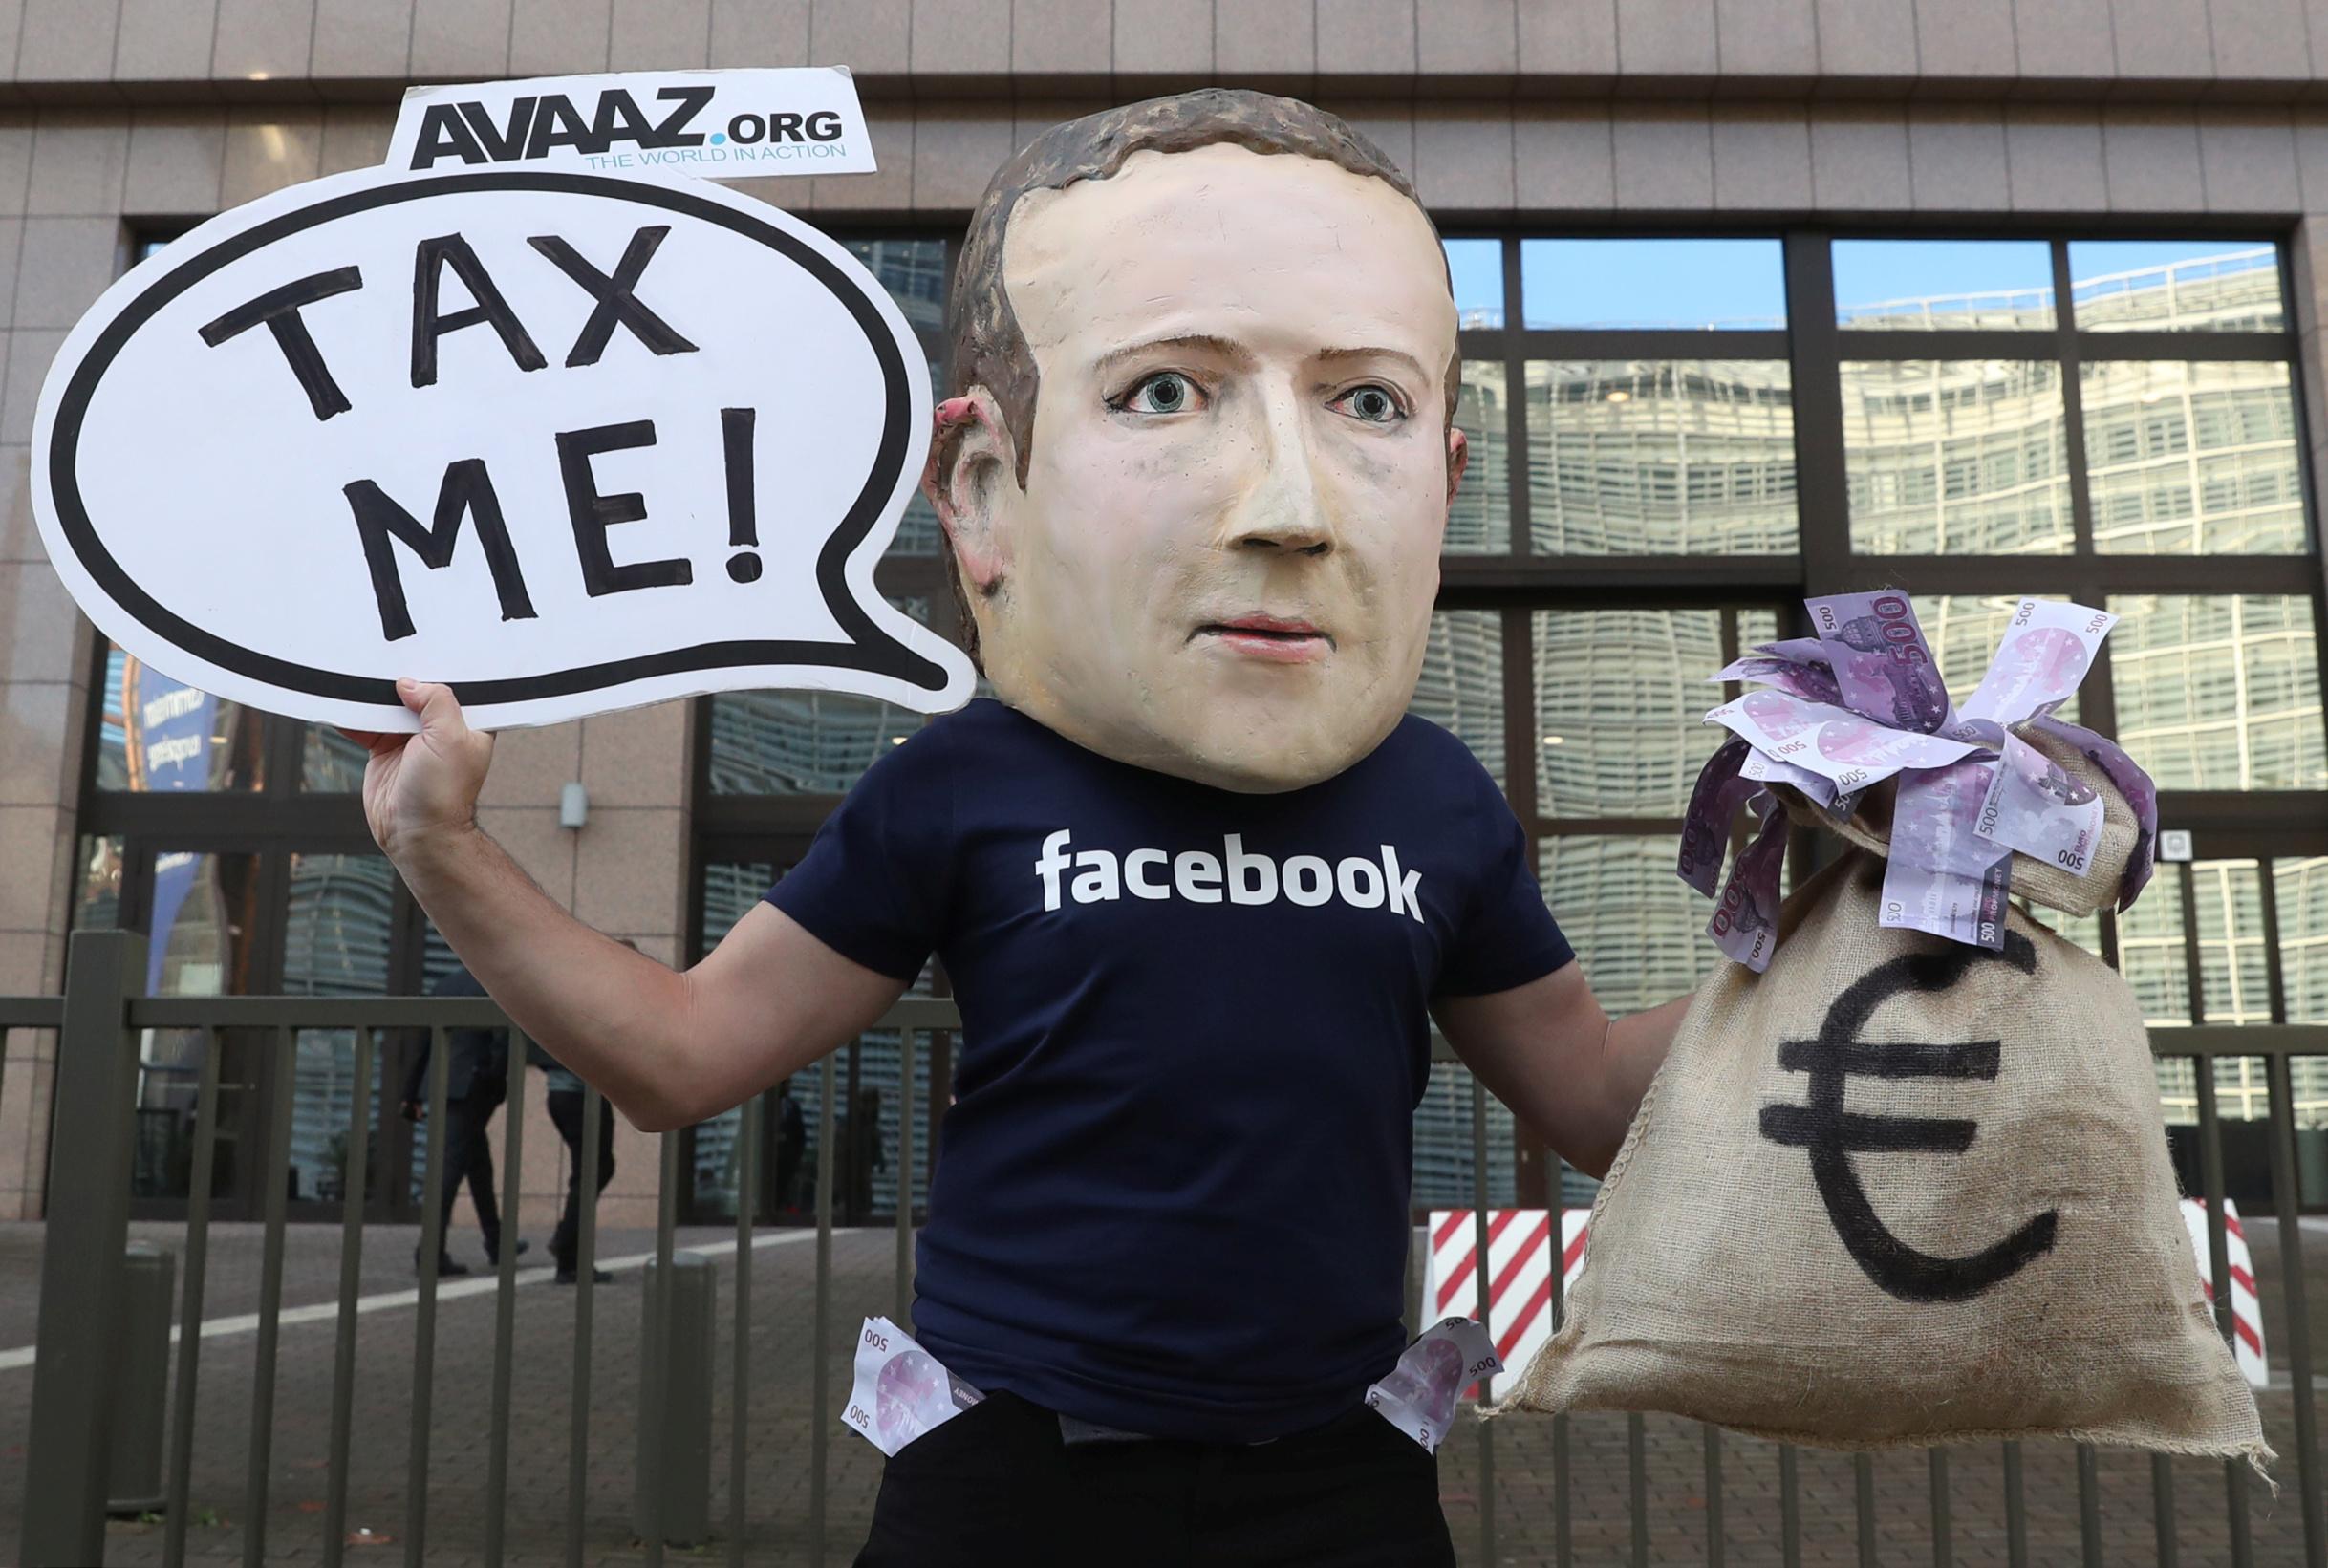 Aktivist prosvjeduje za uvođenje poreza na digitalne tvrtke s maskom Marka Zuckerberga